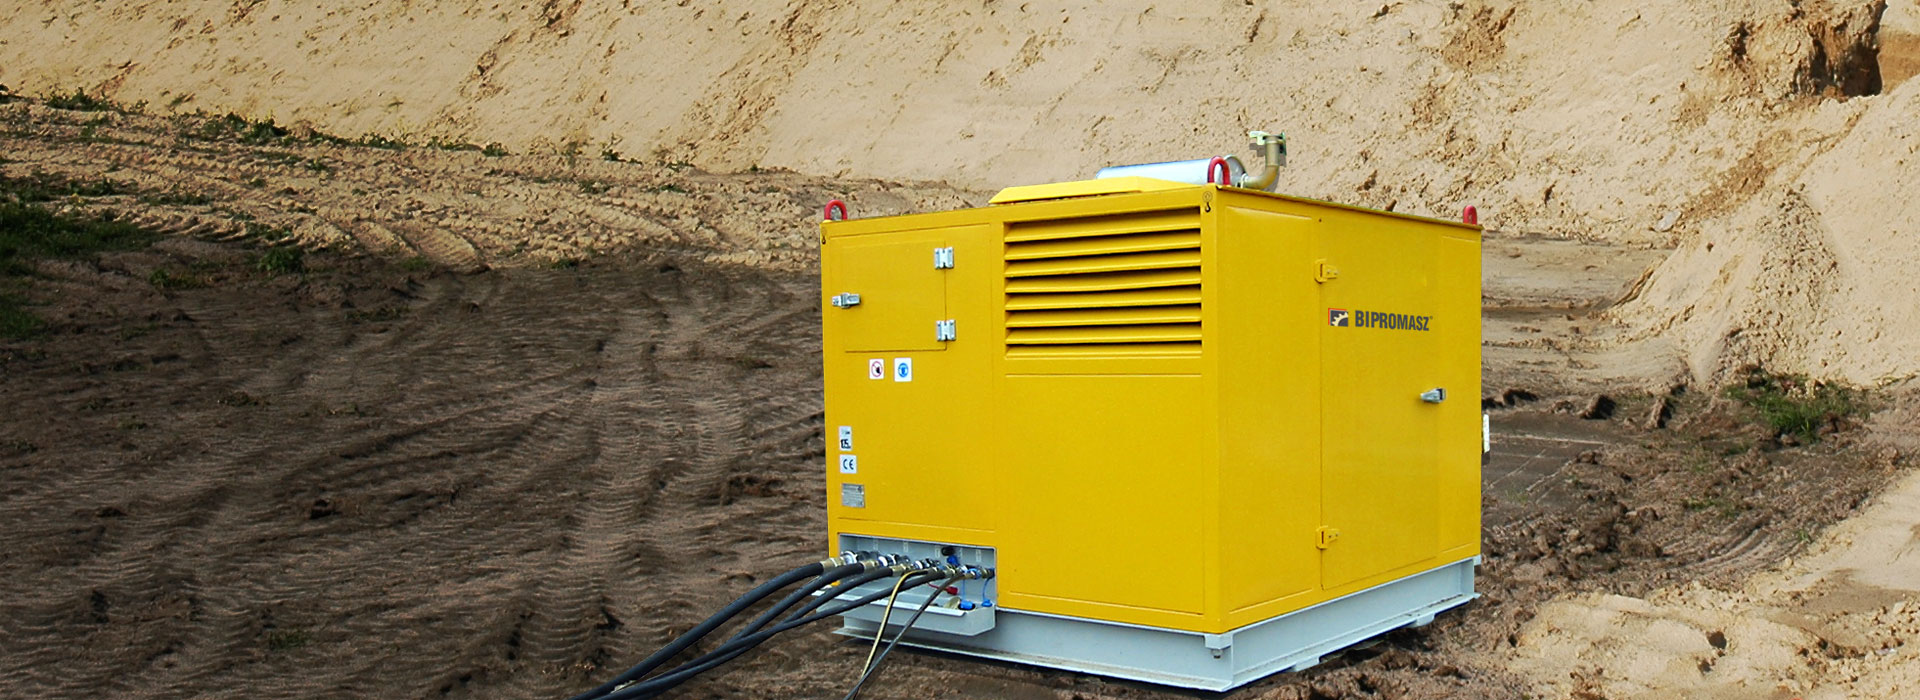 Produkujemy <br/>agregaty hydrauliczne spalinowe <br/>i elektryczne